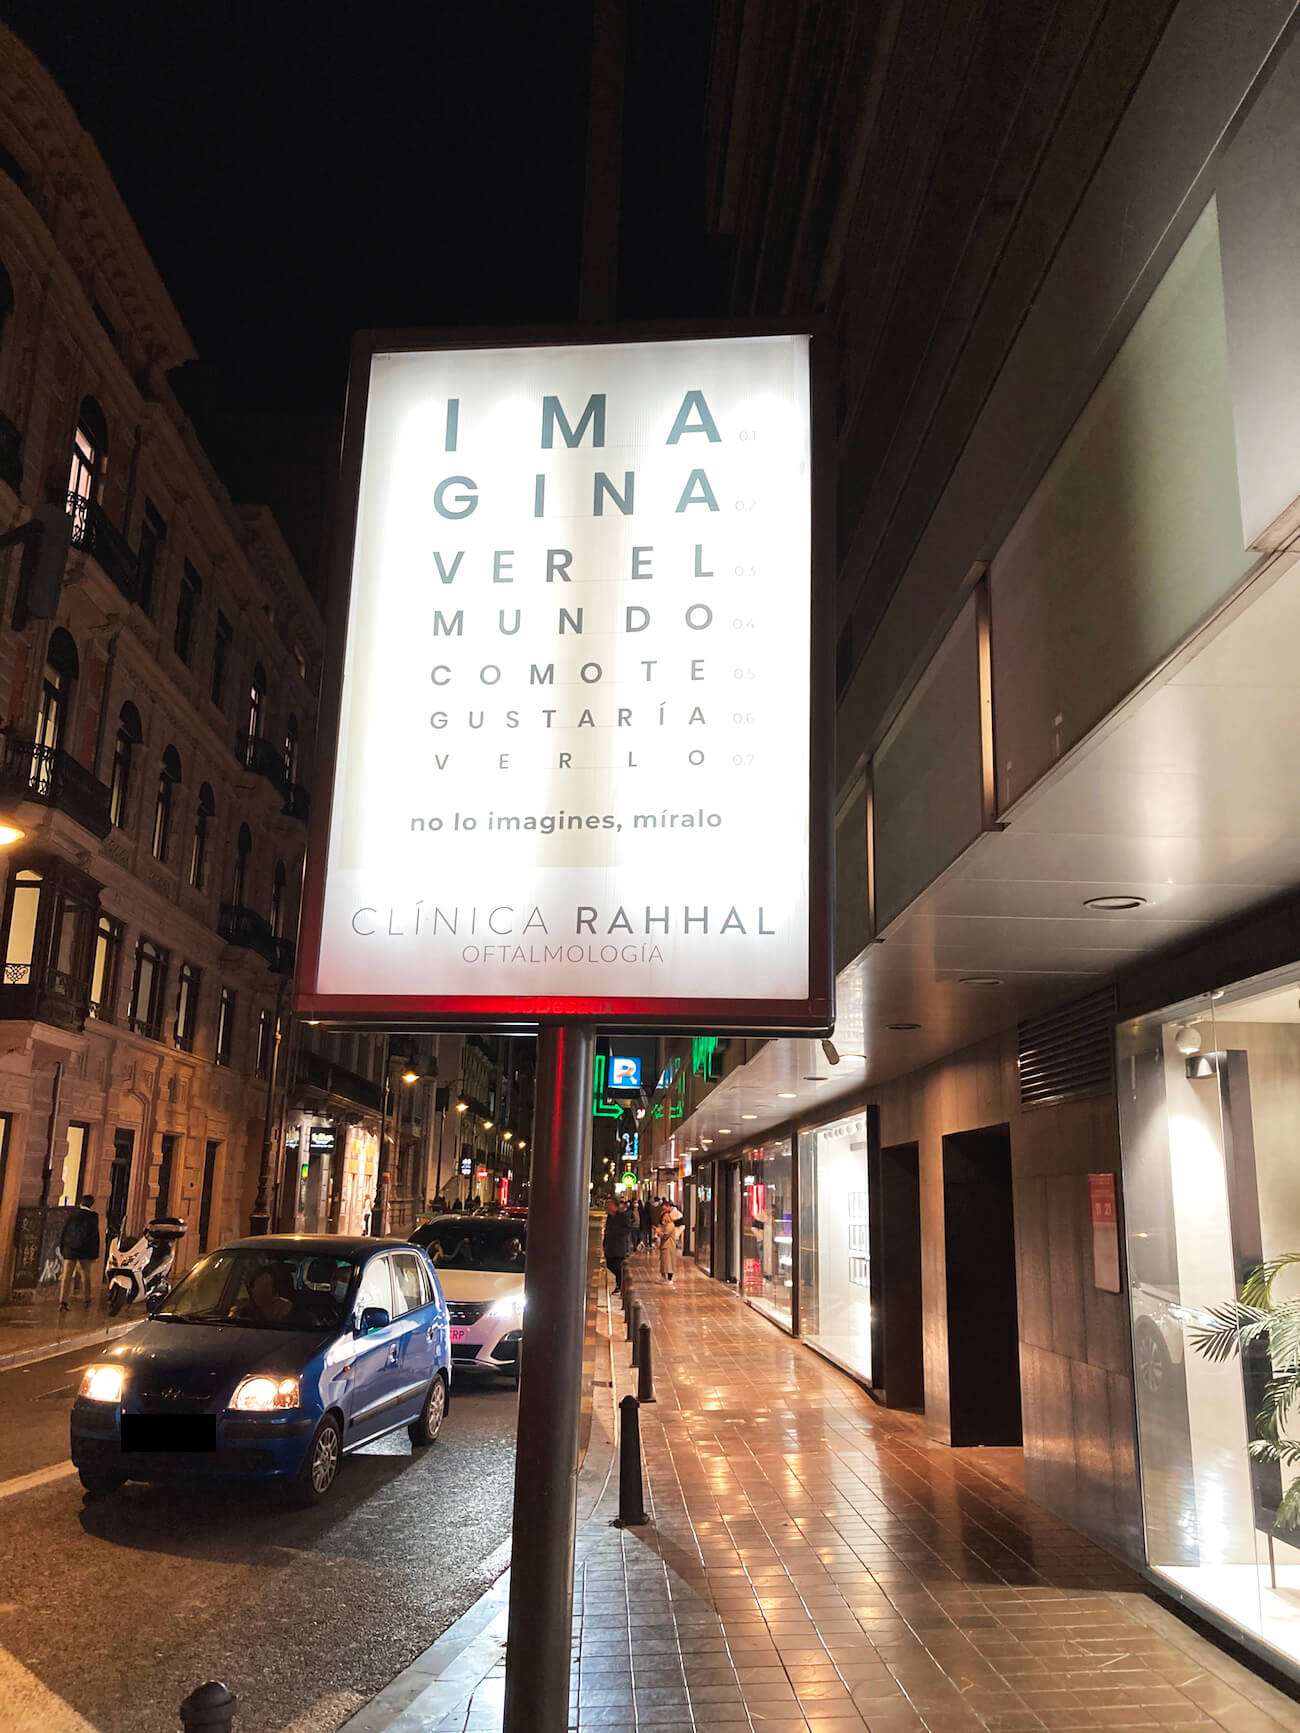 valla publicitaria anuncio oftalmologo